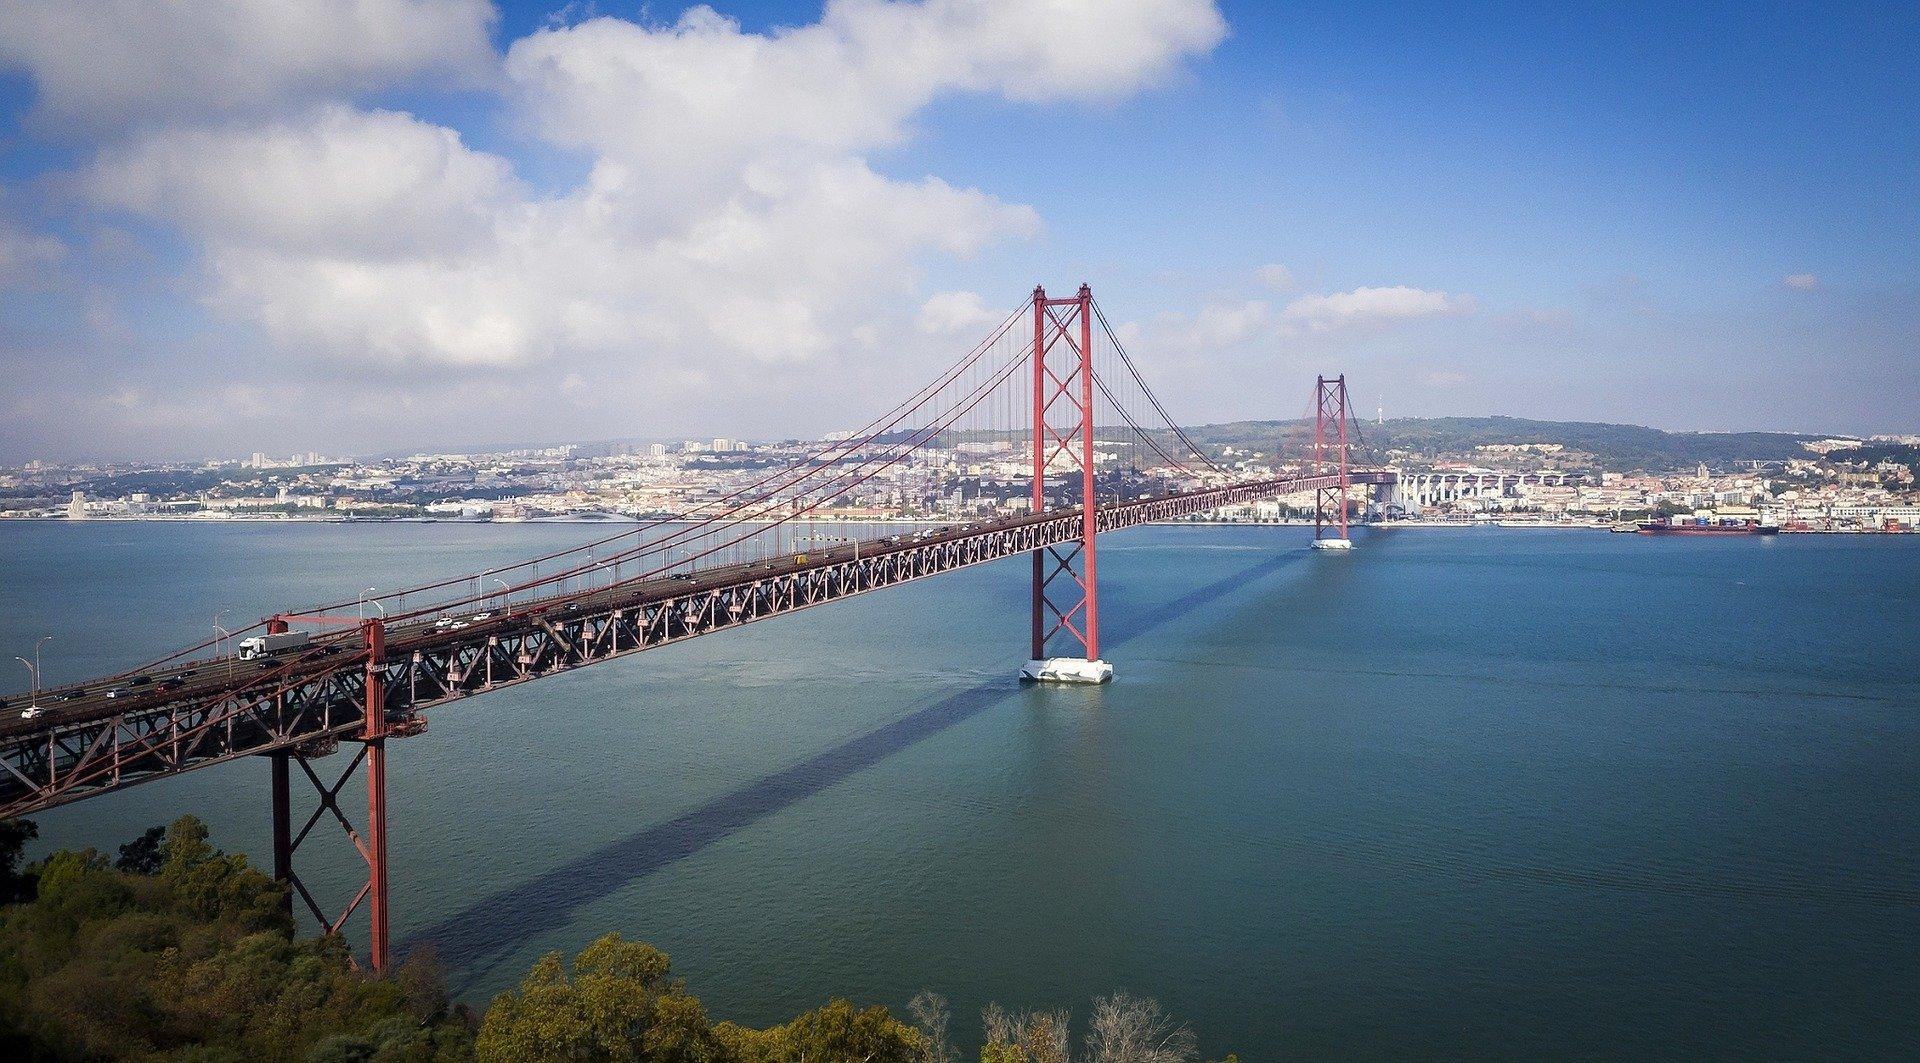 Lisboa Puente 25 Abril